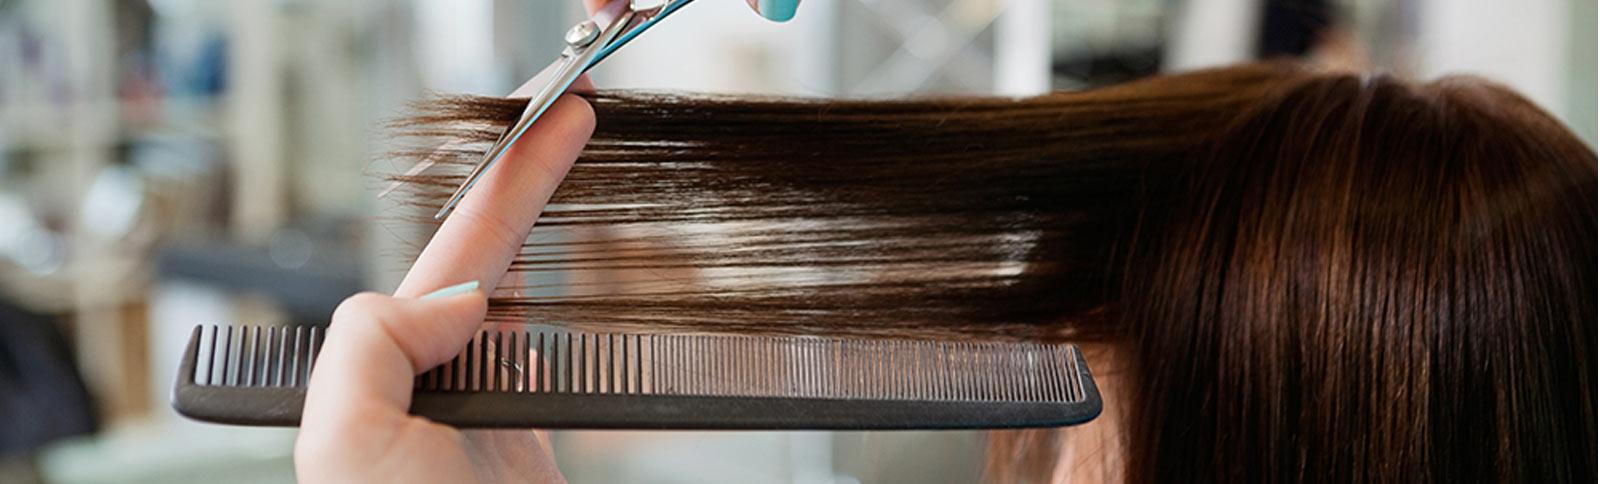 健康な手指を守る! 美容師が実践すべき手荒れ対策5つ